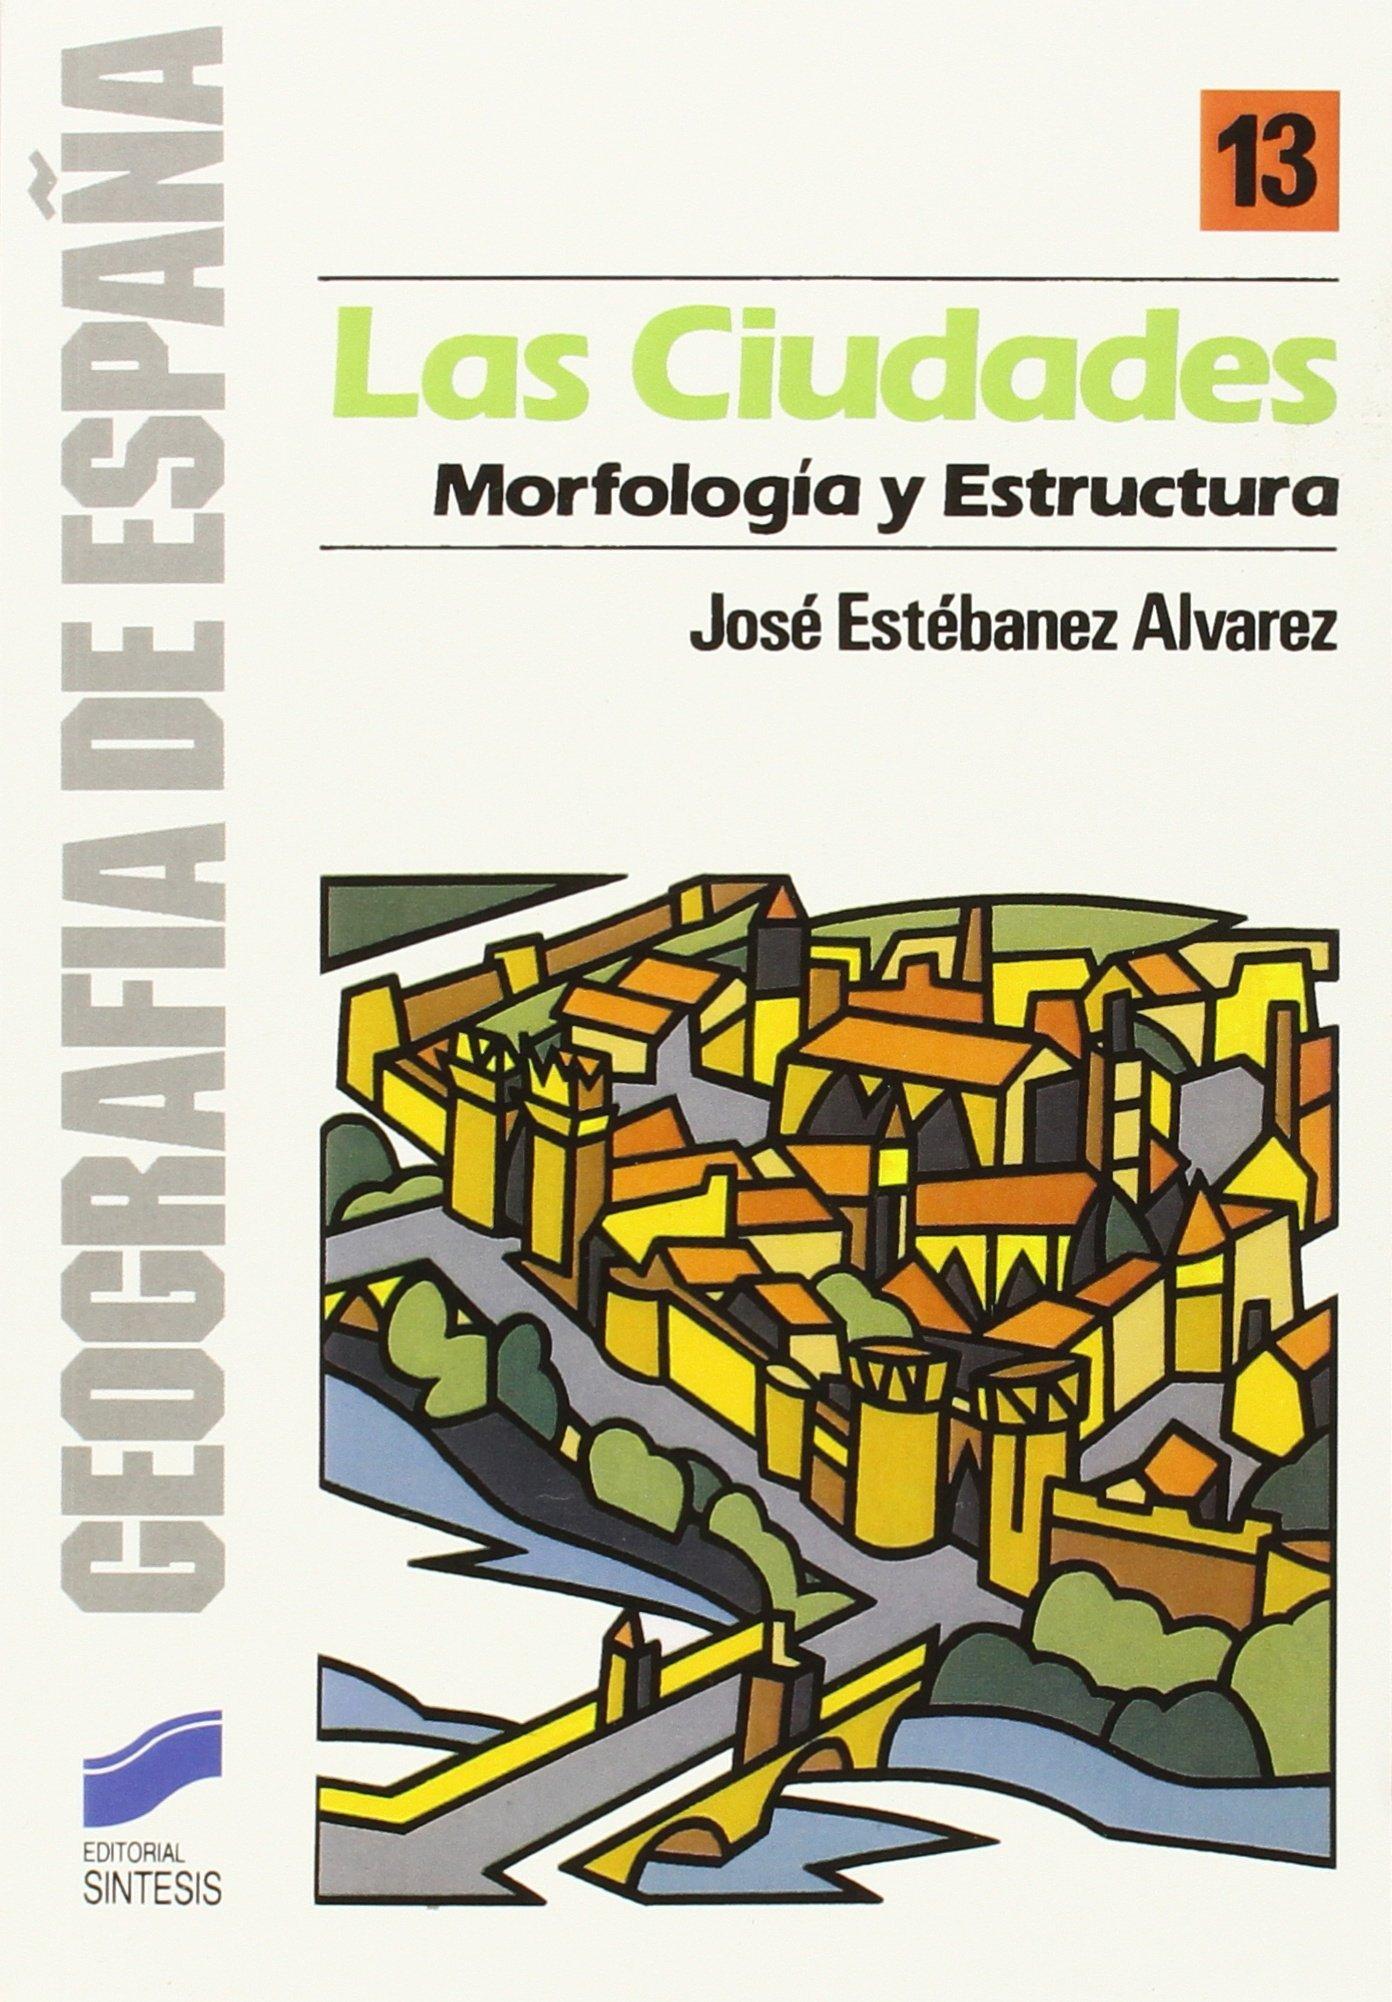 Las ciudades: 13 (Geografía de España): Amazon.es: Estevanez Alvarez, Jose: Libros